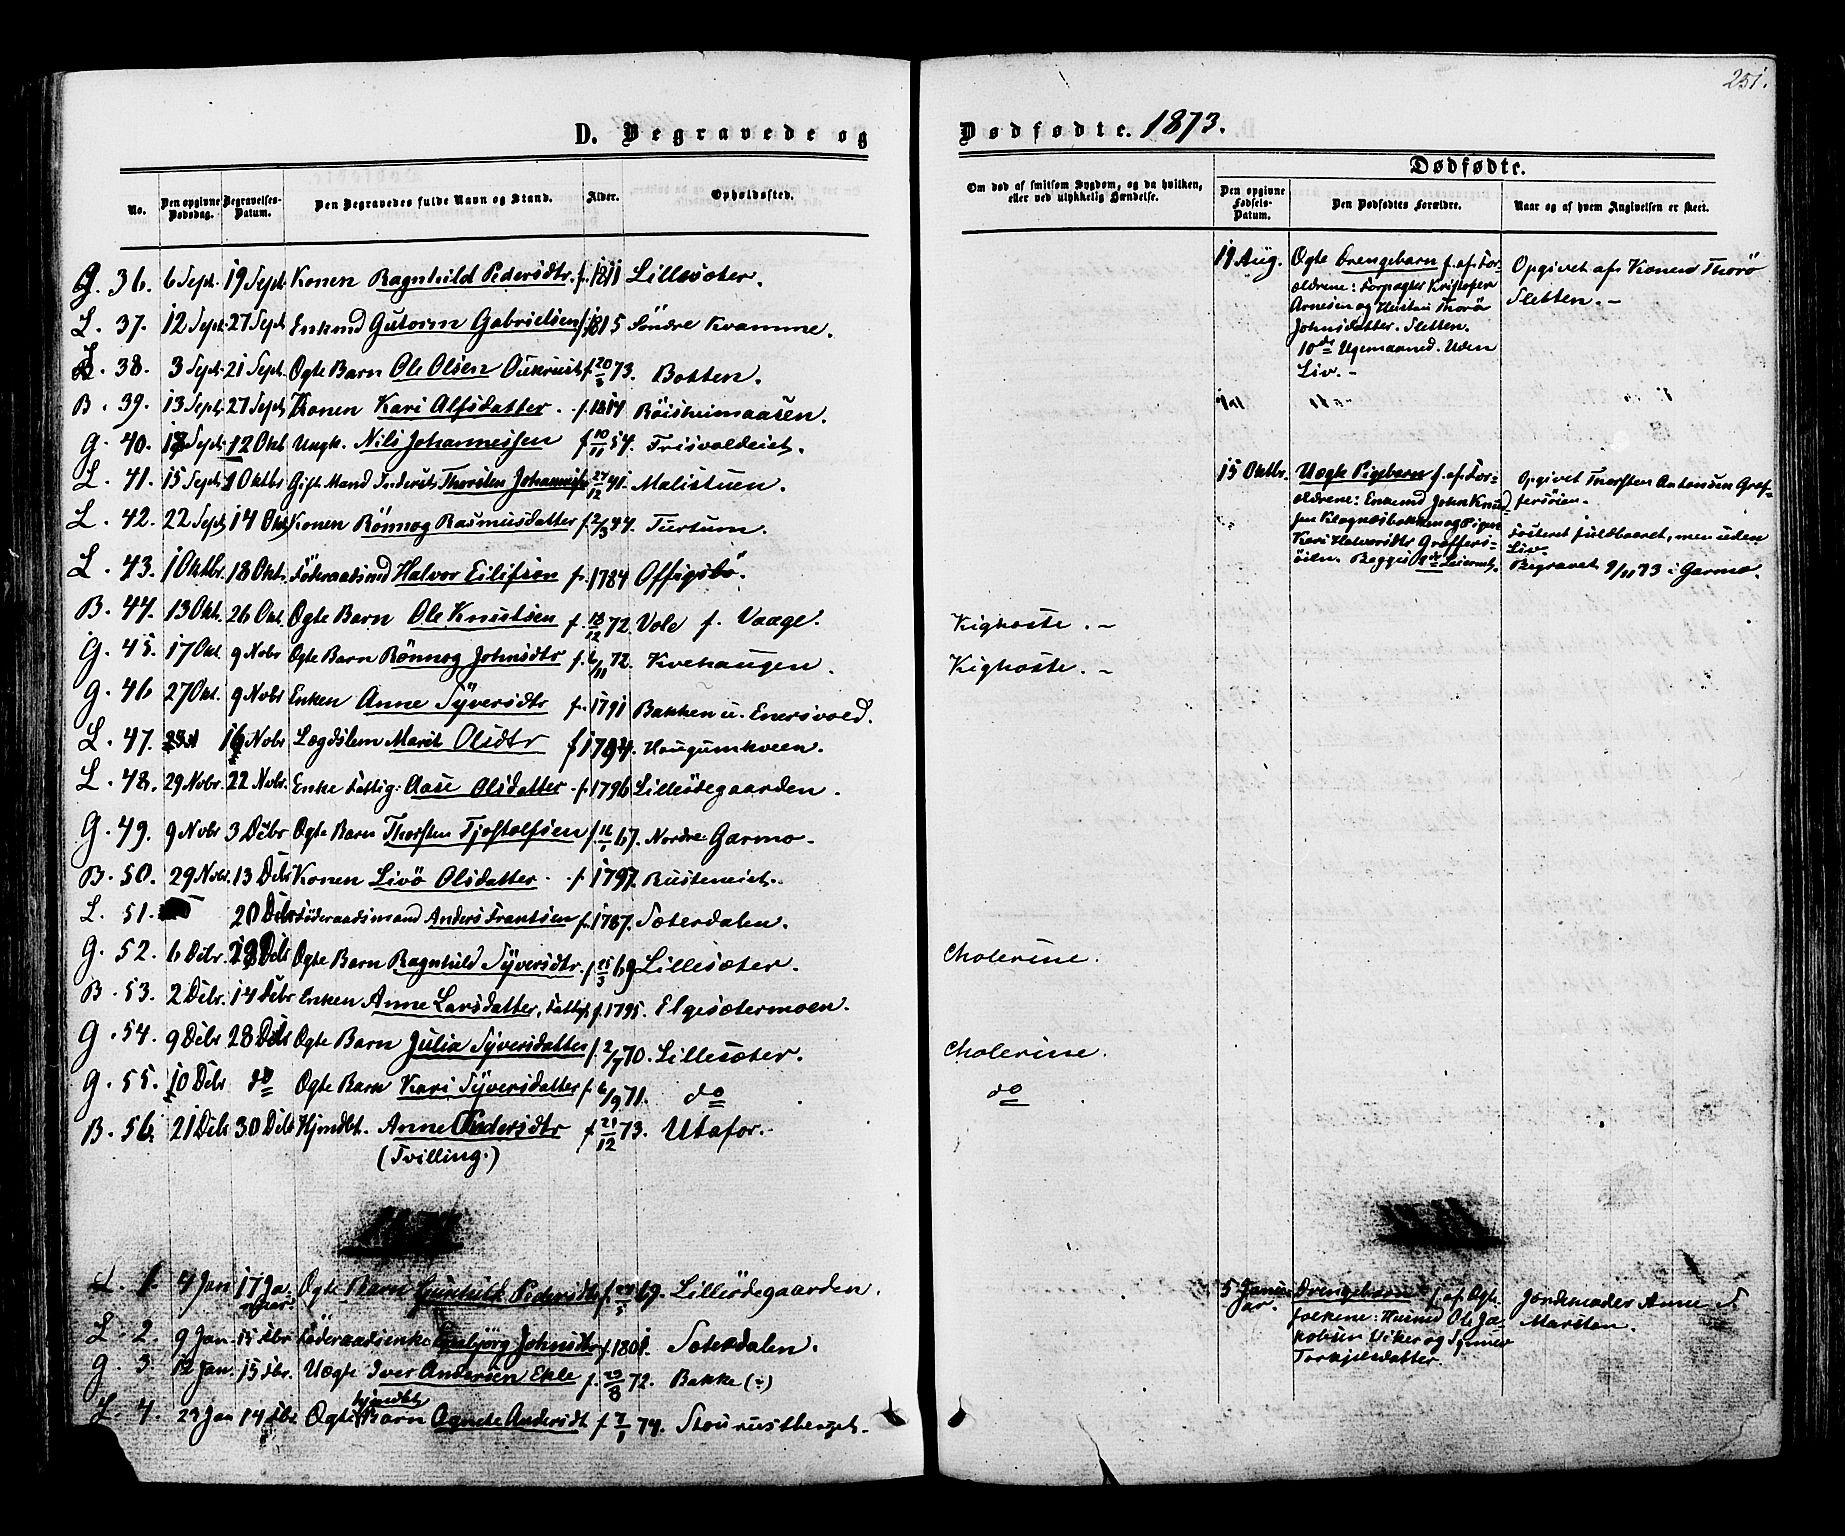 SAH, Lom prestekontor, K/L0007: Ministerialbok nr. 7, 1863-1884, s. 251